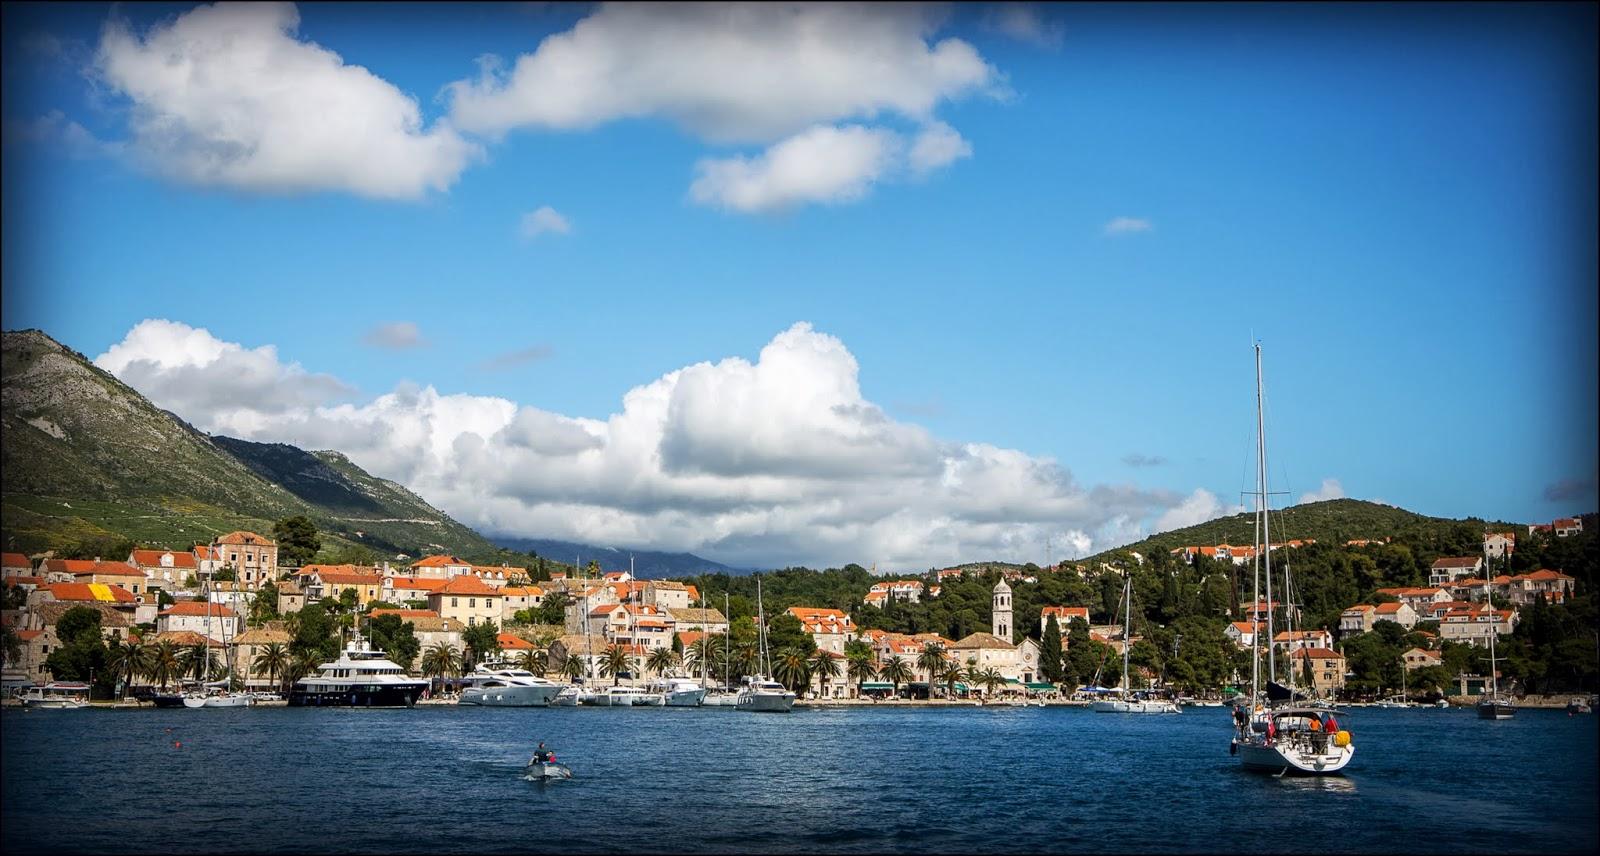 Cavtat Panorama, Croatia